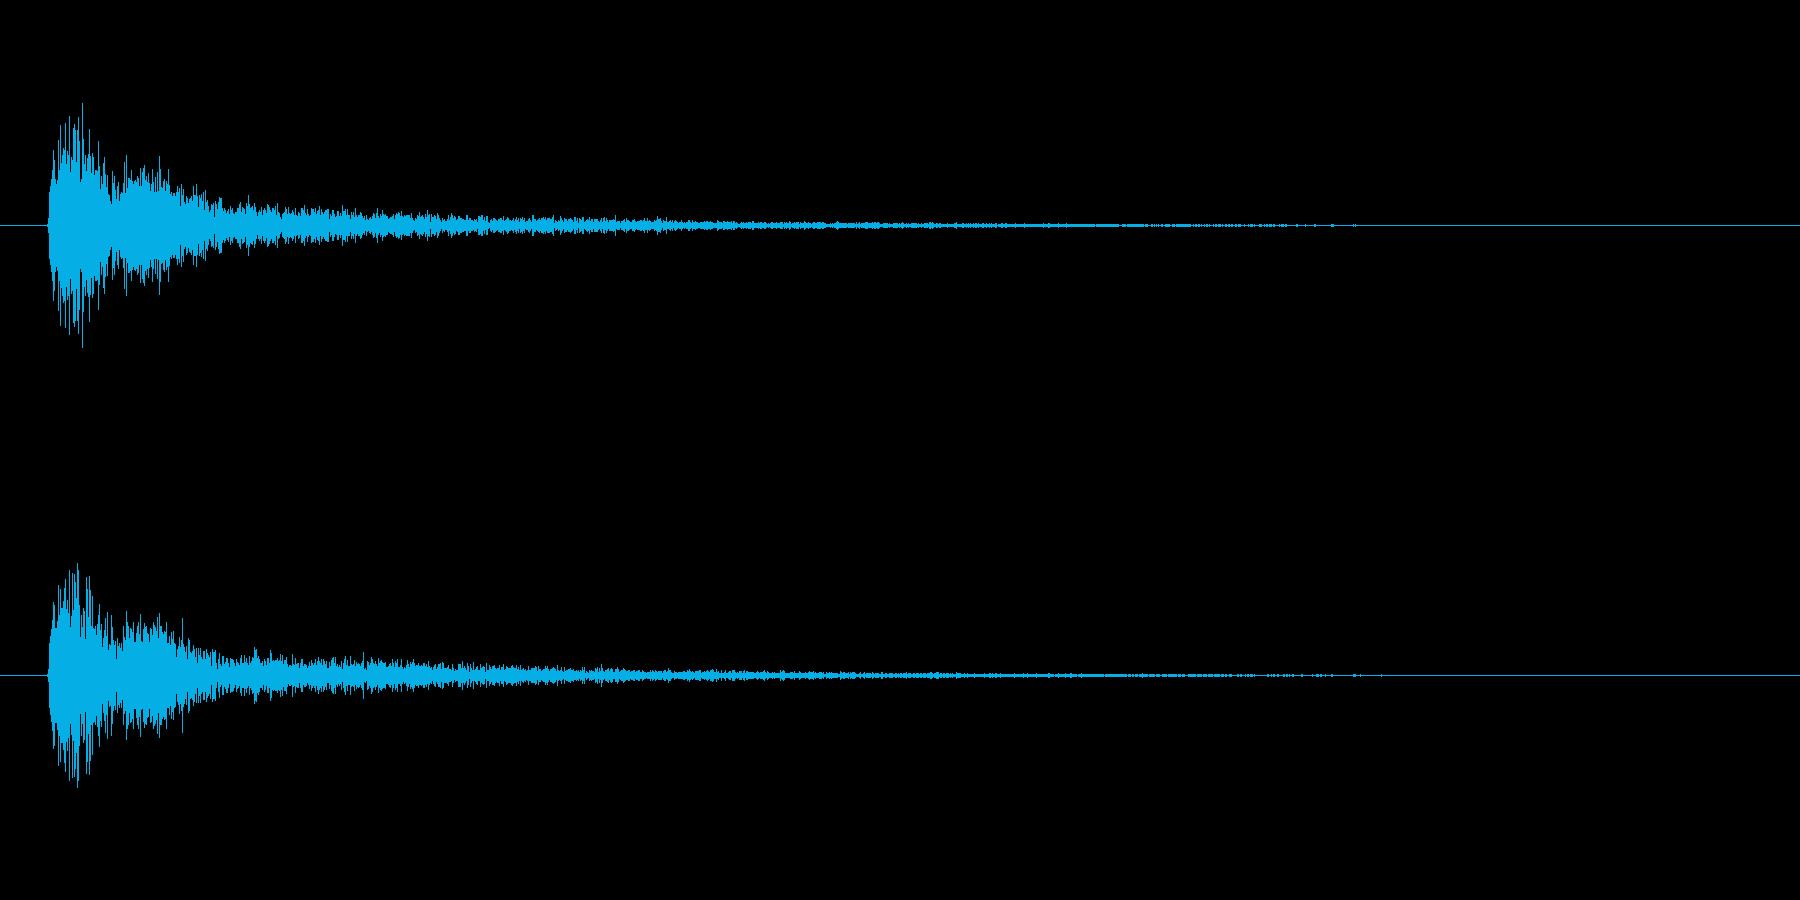 【アクセント14-4】の再生済みの波形